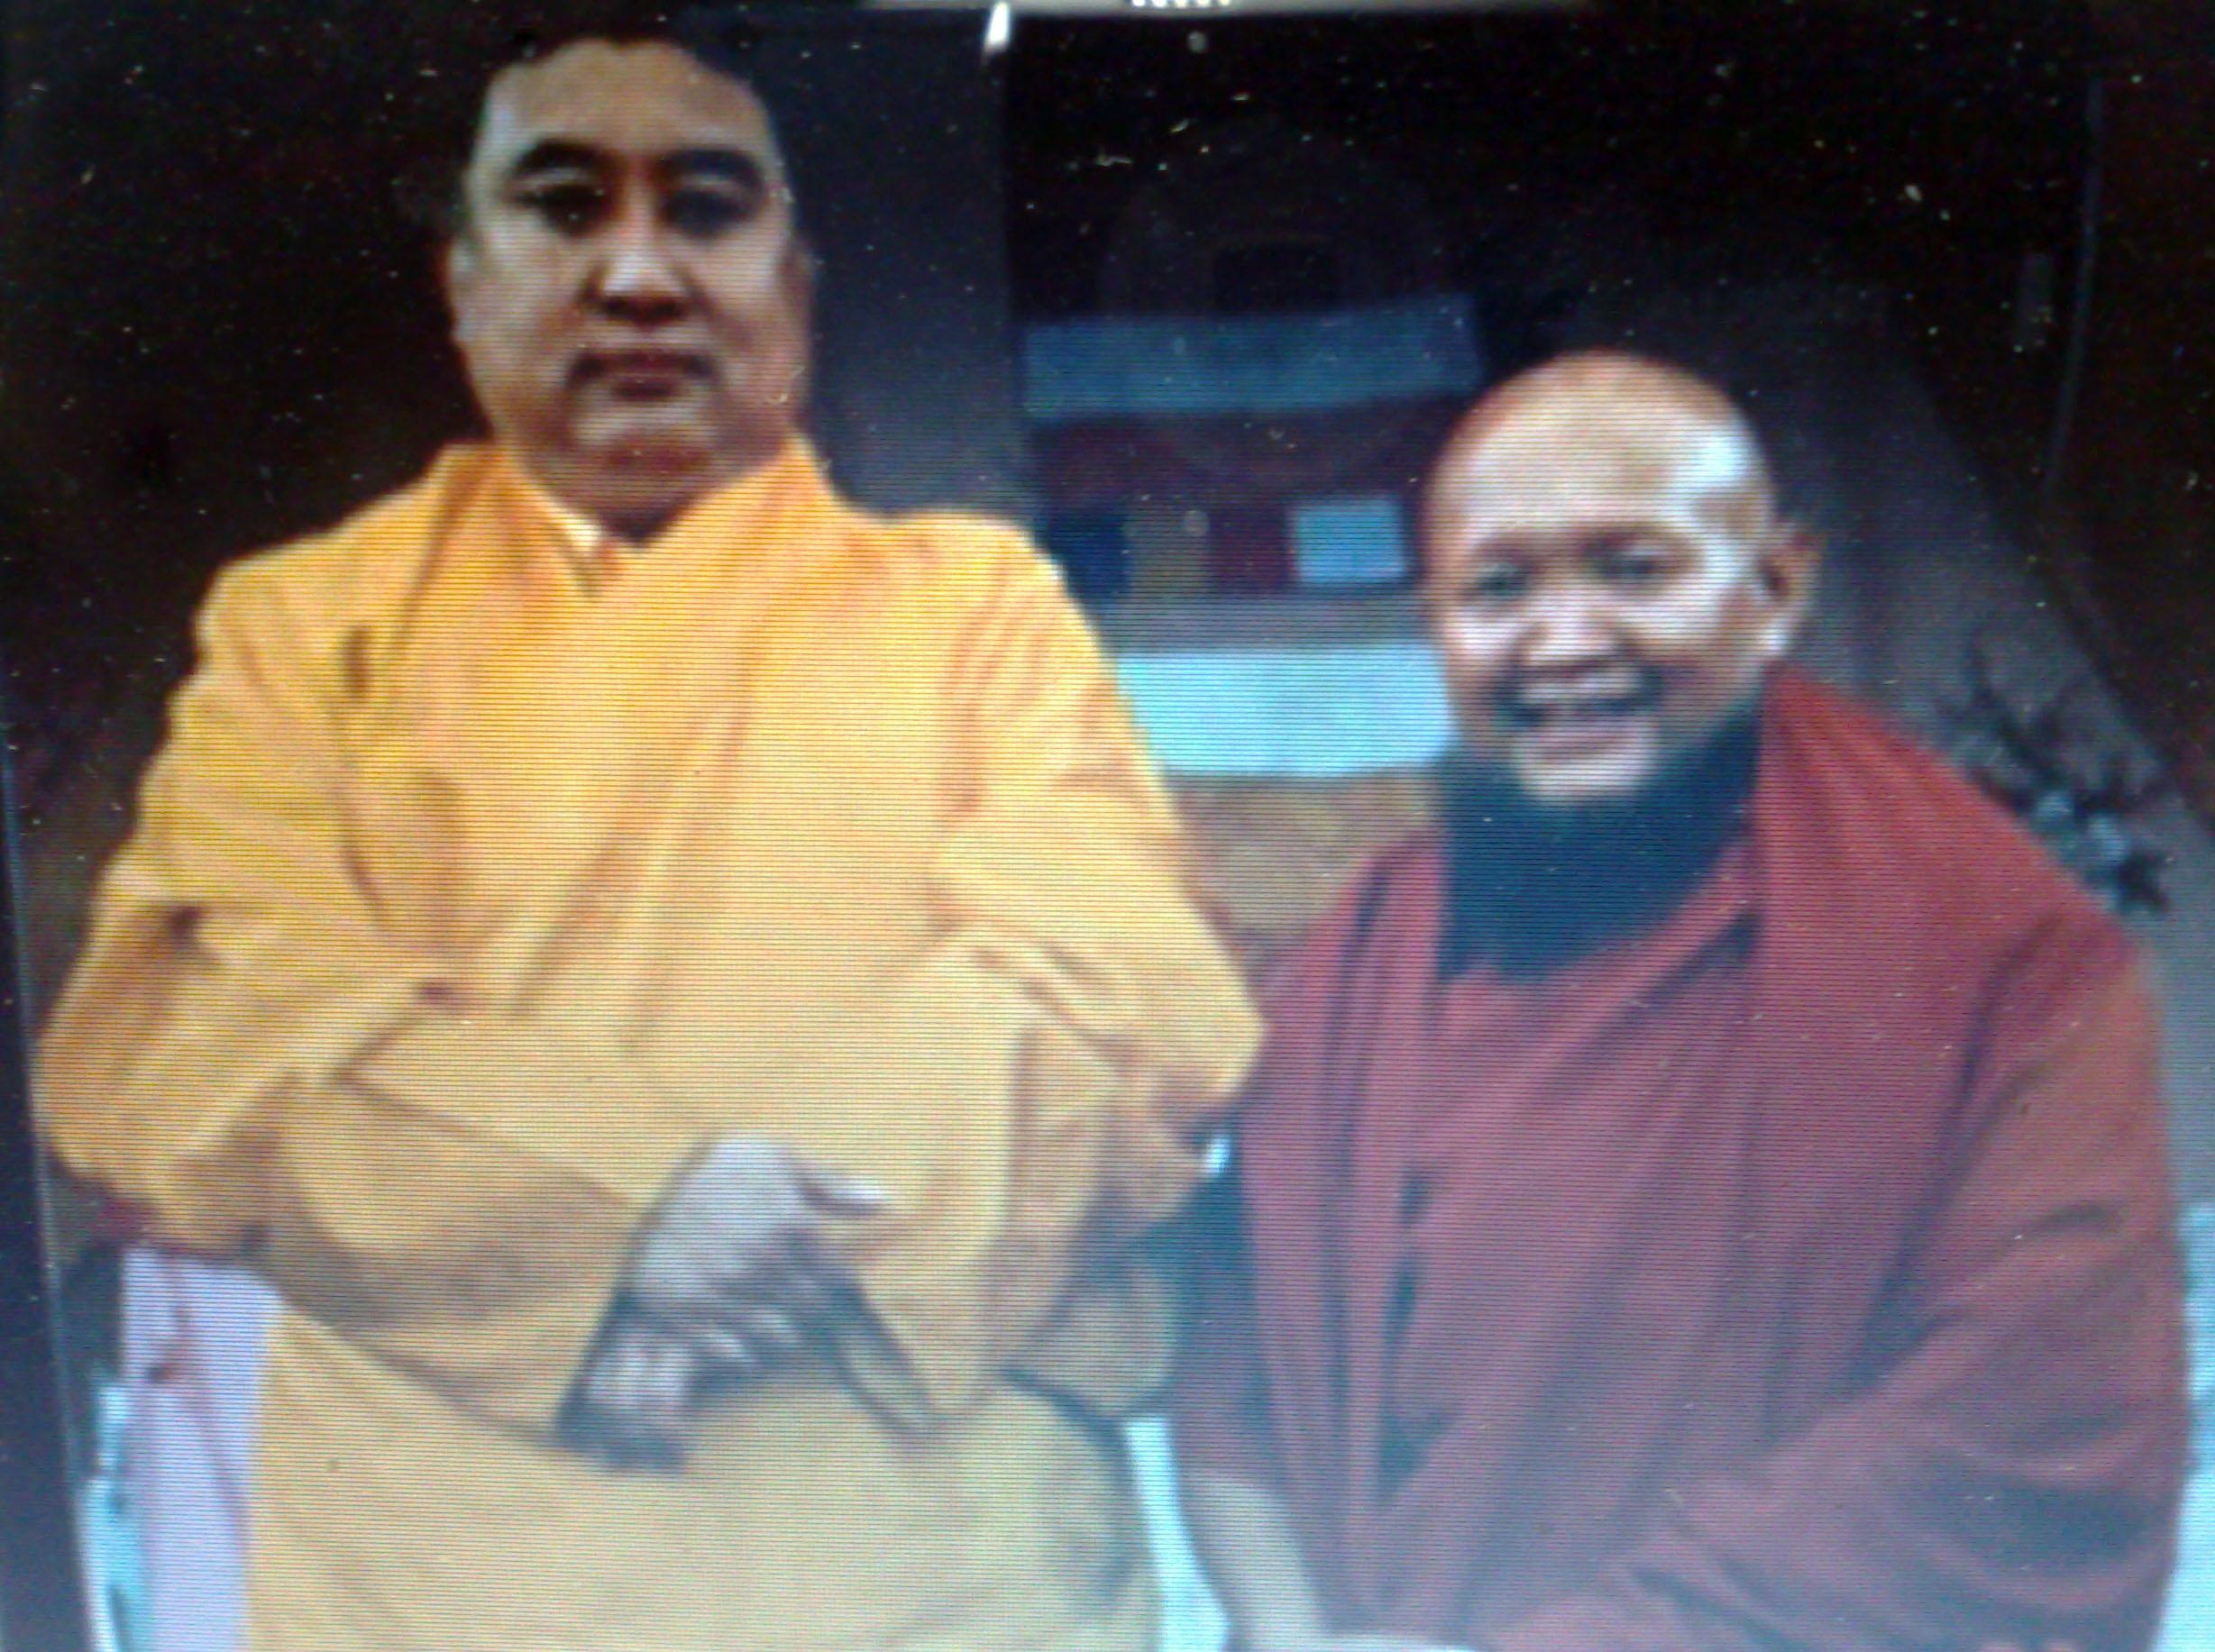 พระพันเชน ลามะกับพระกังเชน รินโปเช